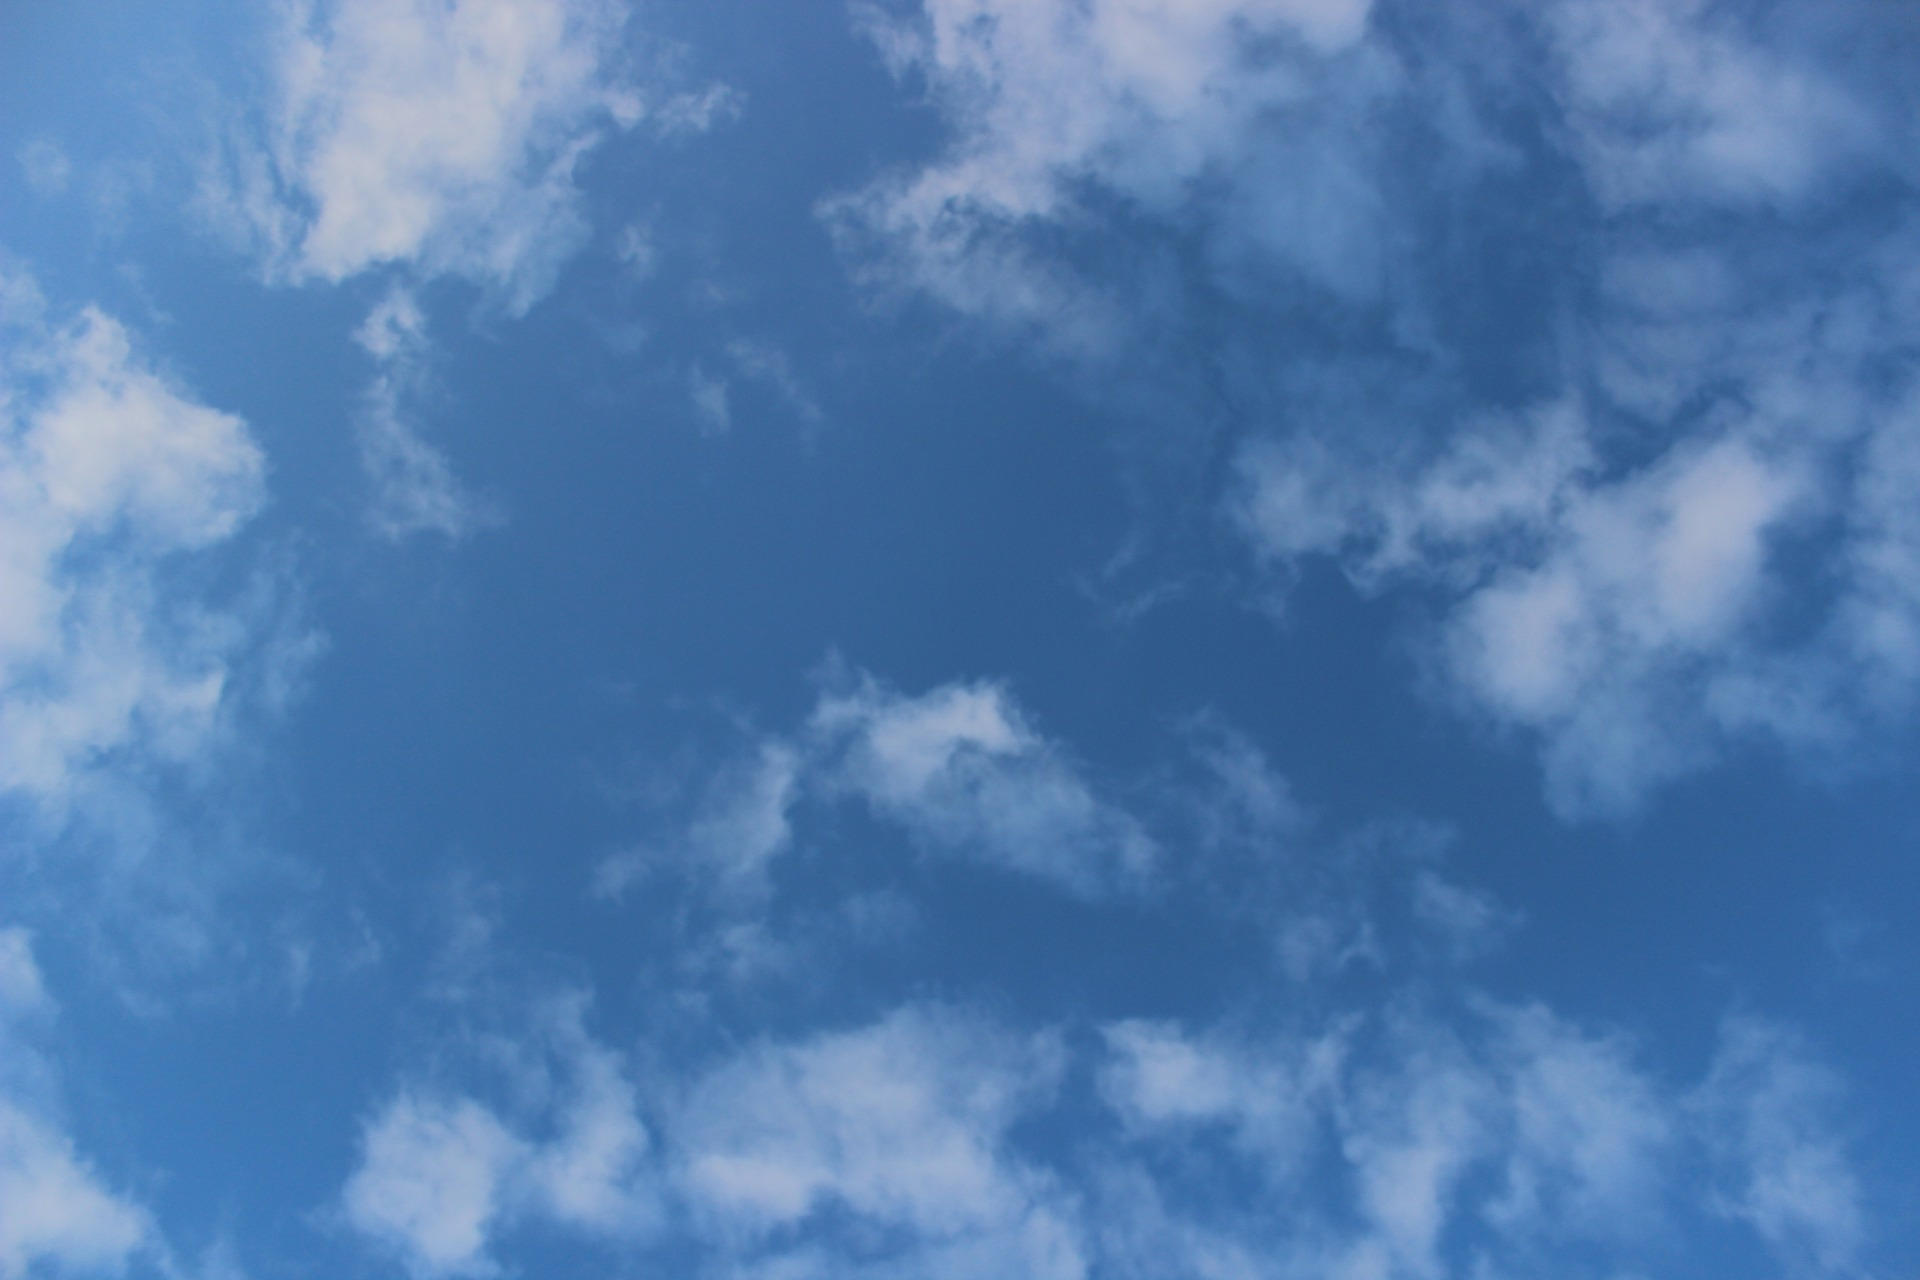 sky-906033_1920